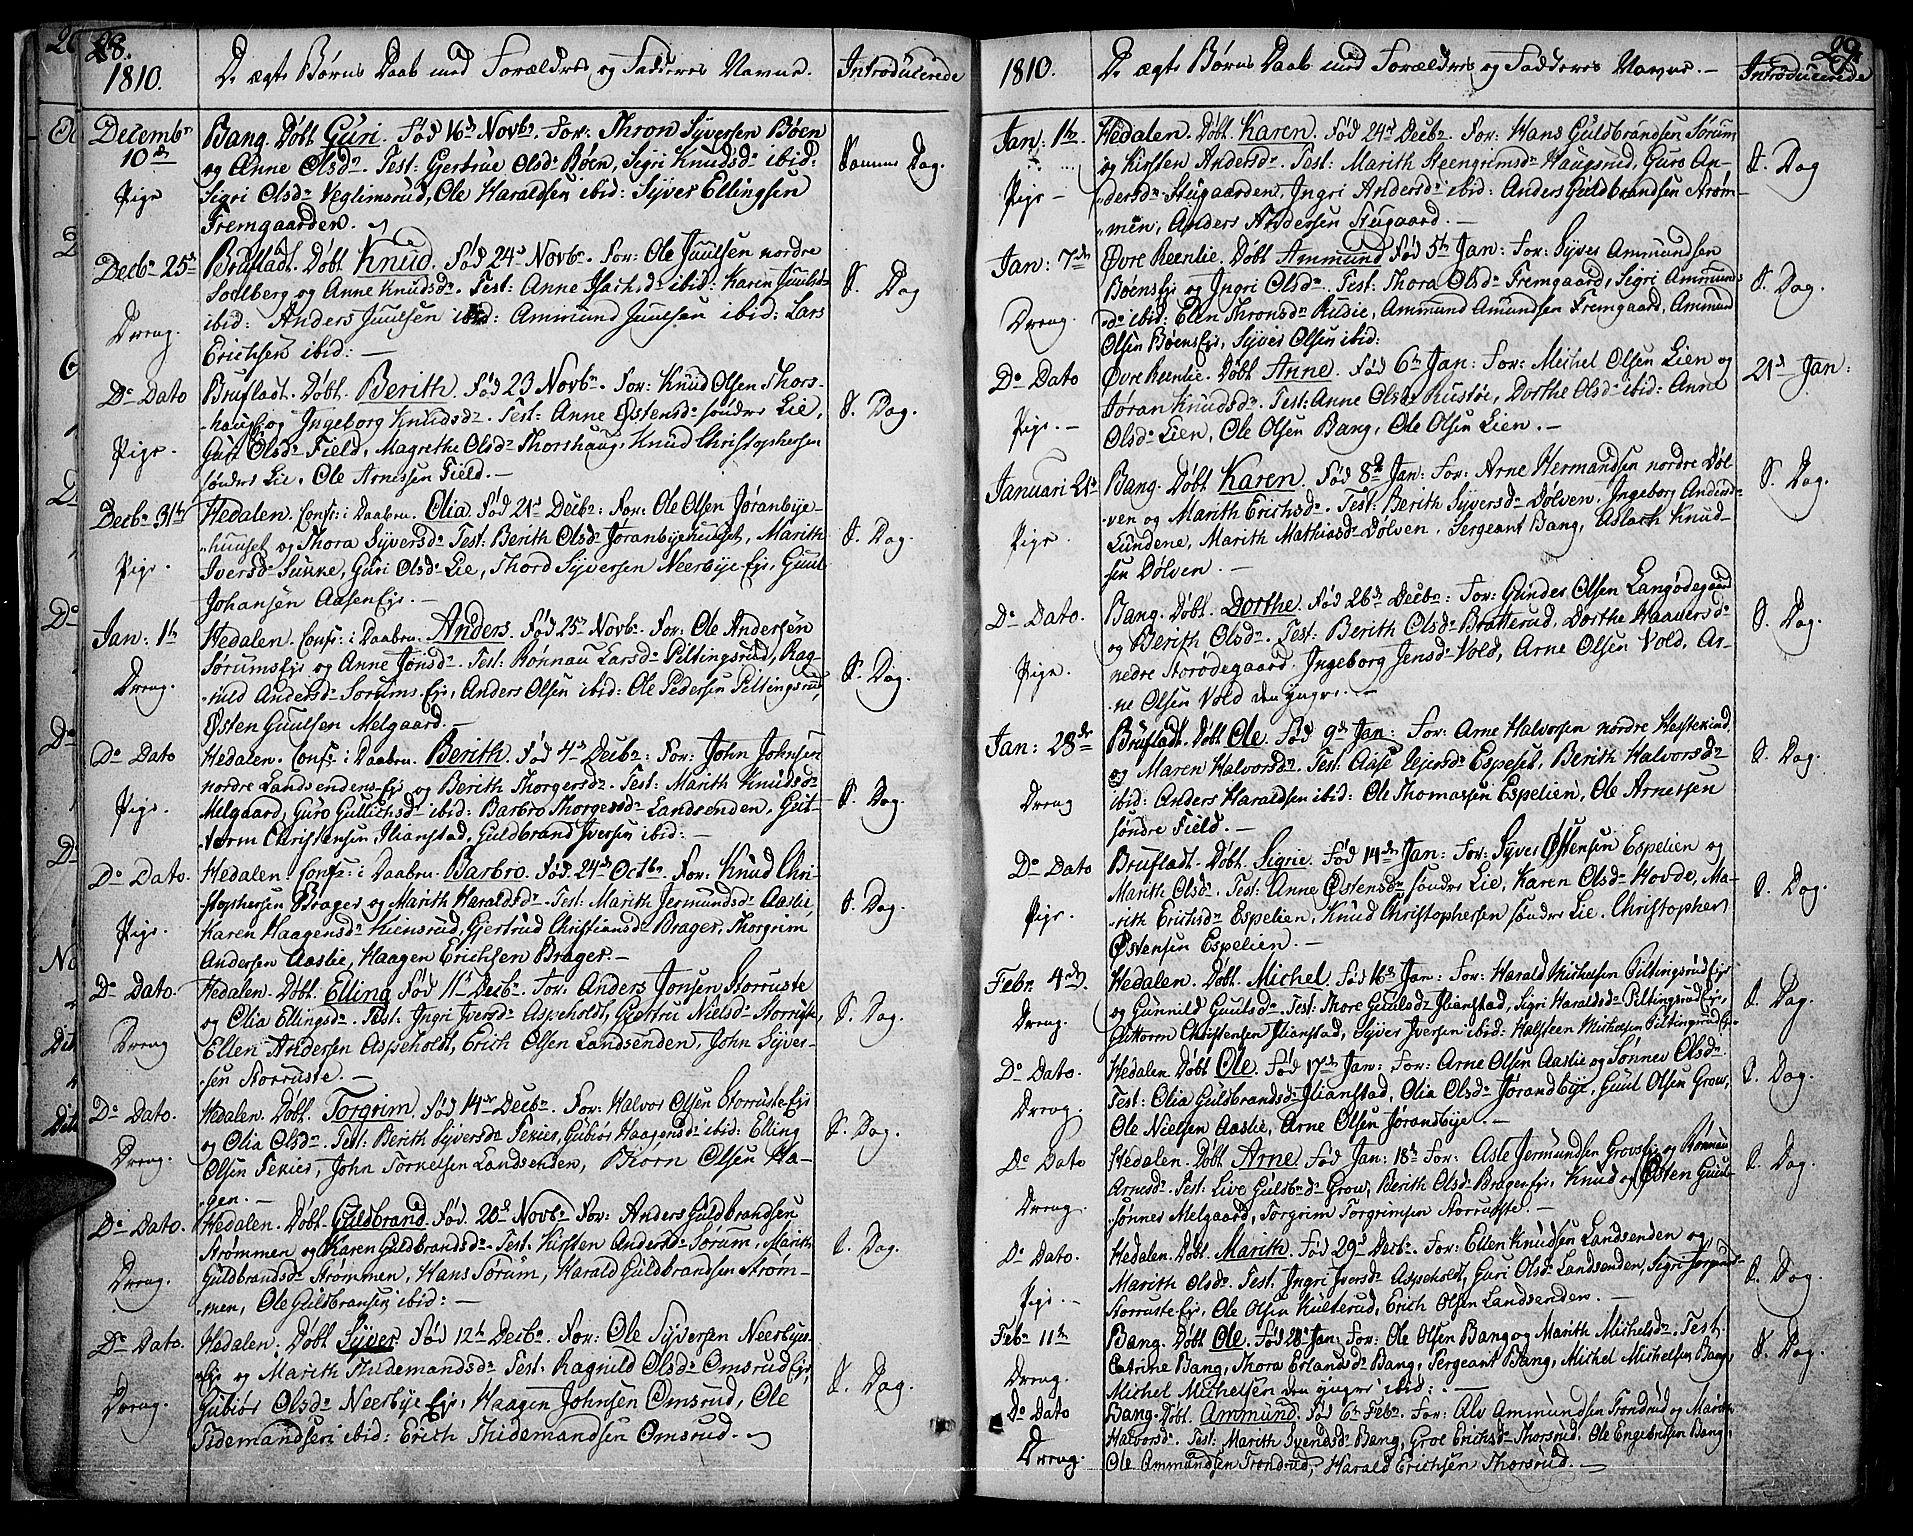 SAH, Sør-Aurdal prestekontor, Ministerialbok nr. 1, 1807-1815, s. 28-29